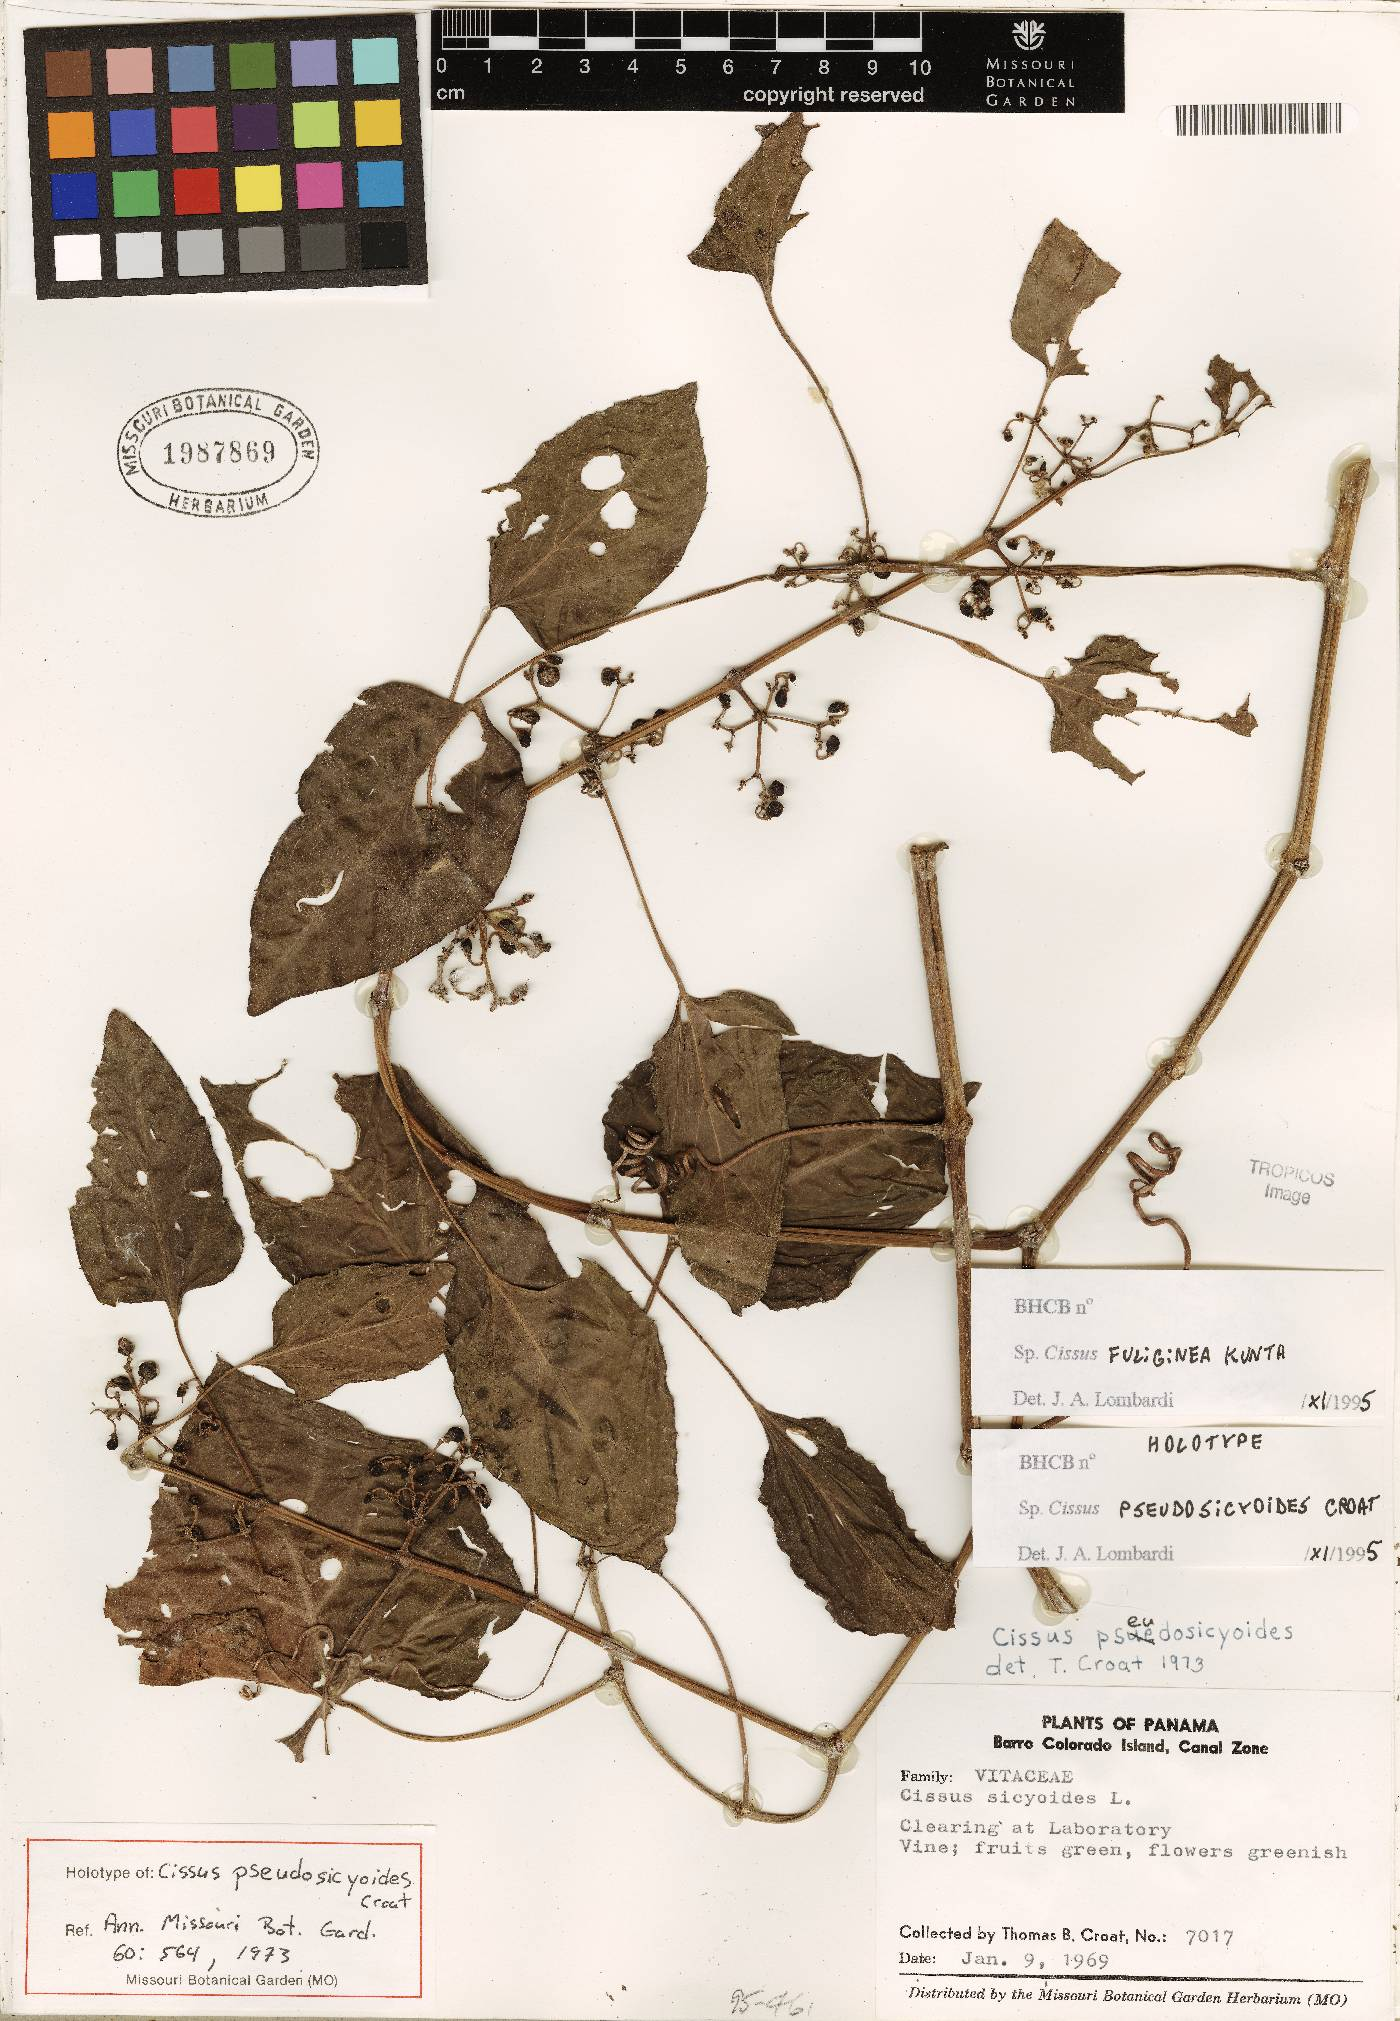 Cissus fuliginea image